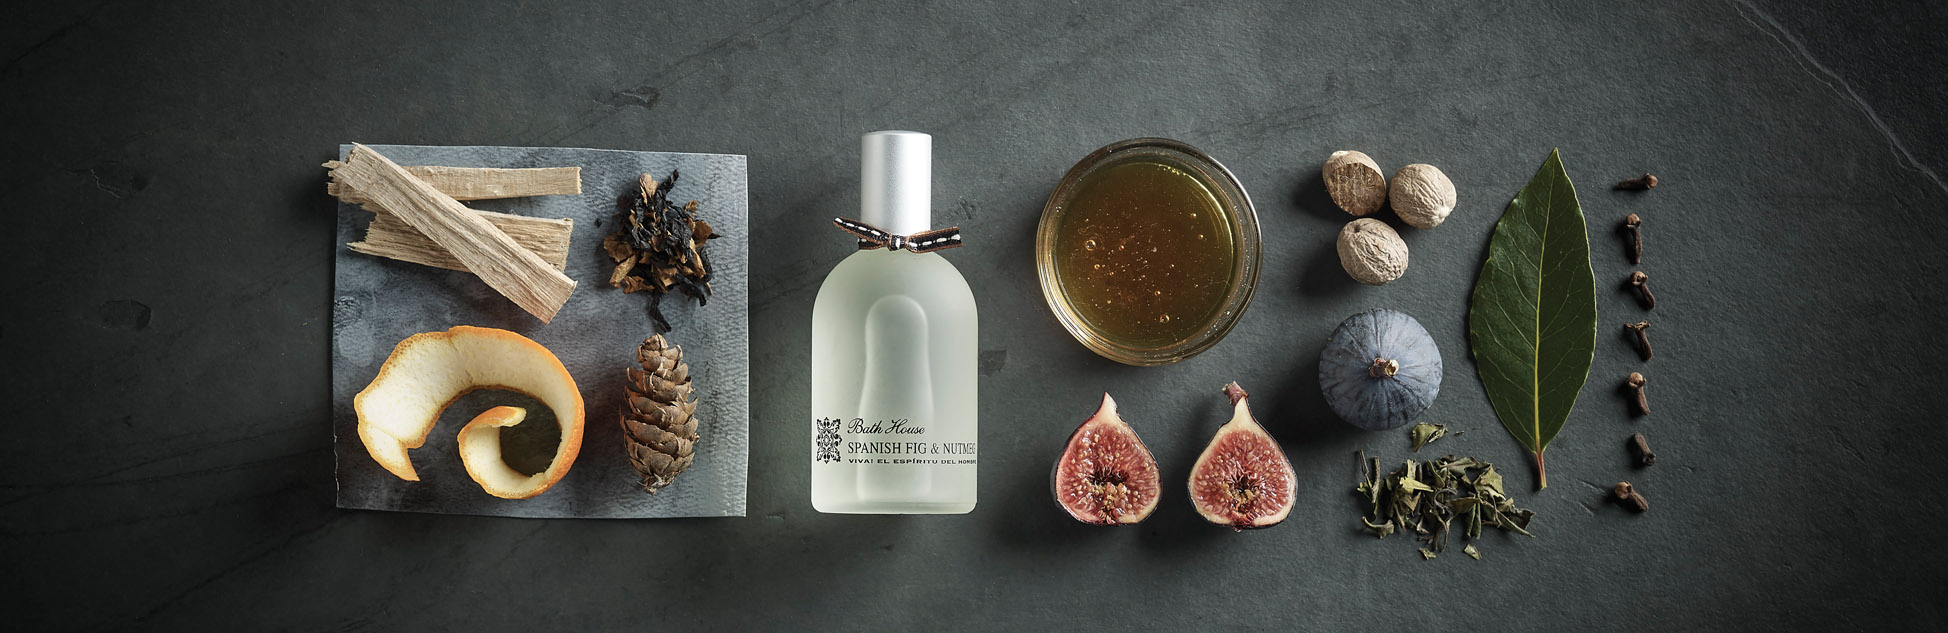 bath house spanish fig & nutmeg